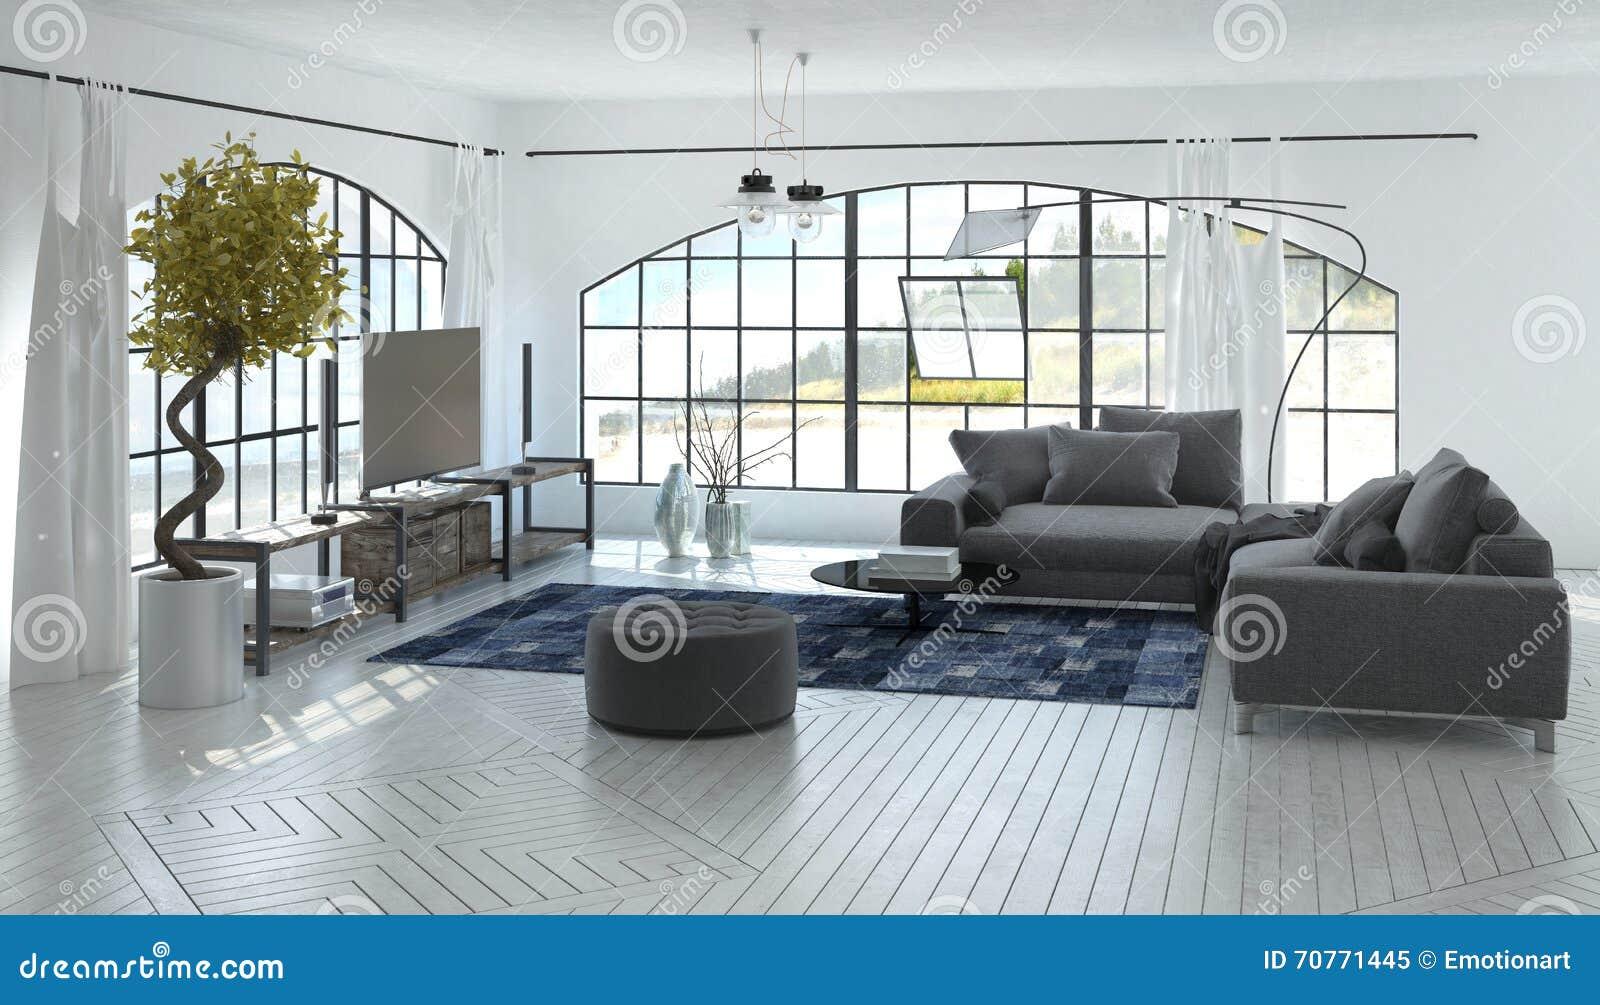 Salon Gris Et Blanc Spacieux Confortable Image stock - Image ...